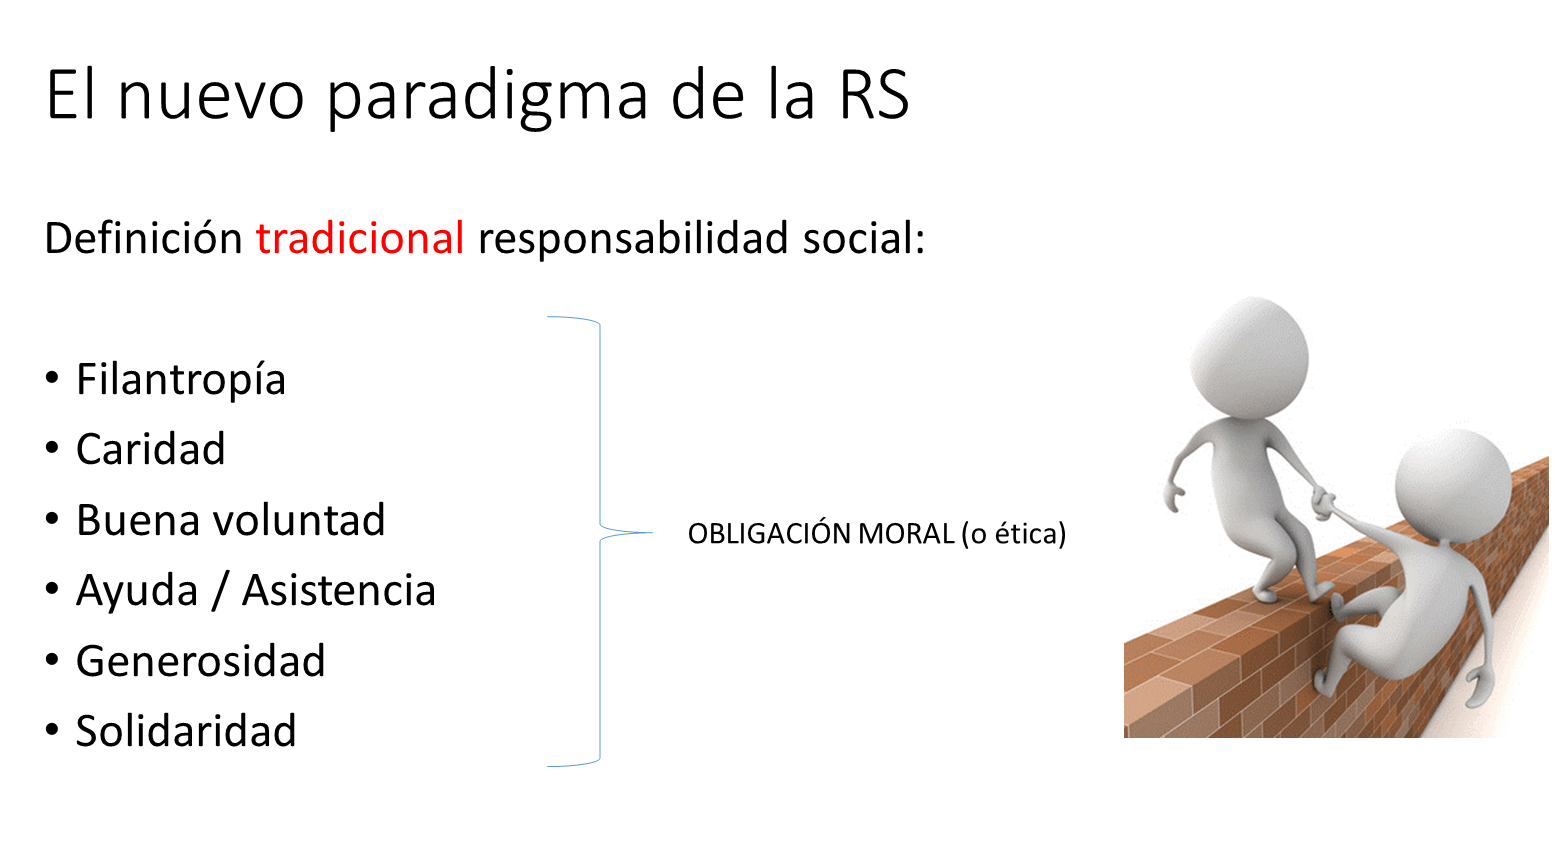 NuevoParadigmaRSU1